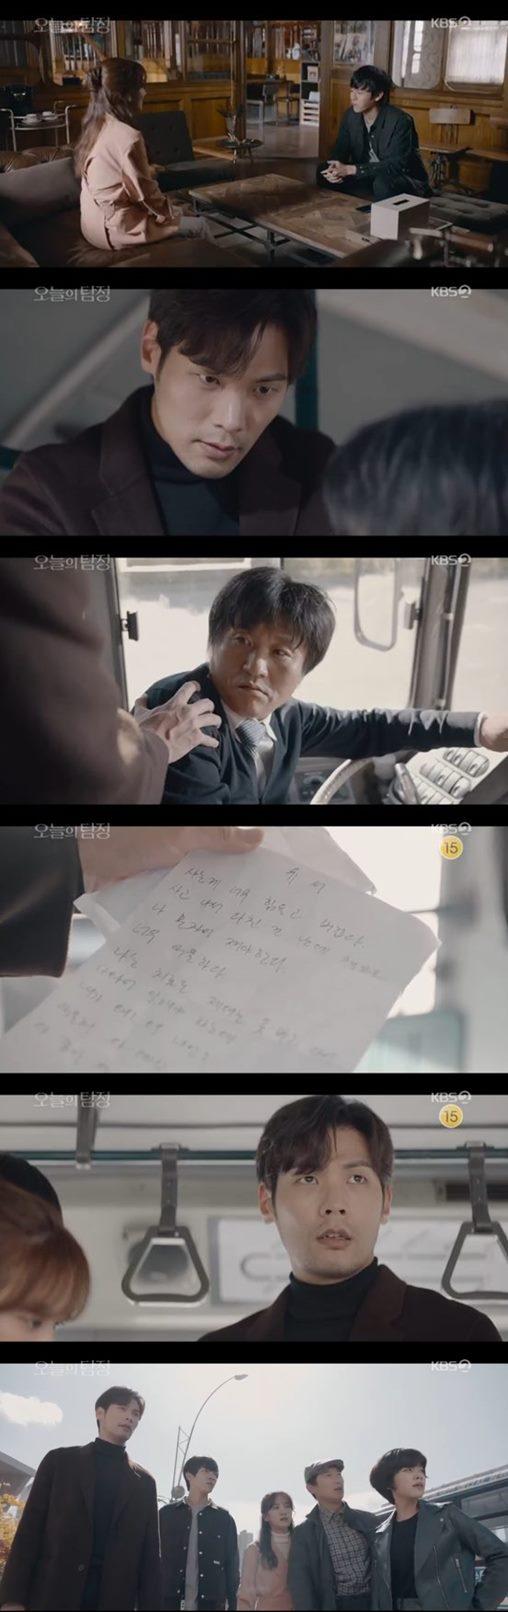 오늘의 탐정 박은빈 최다니엘 김원해 이지아 이재균 이주영 신재하